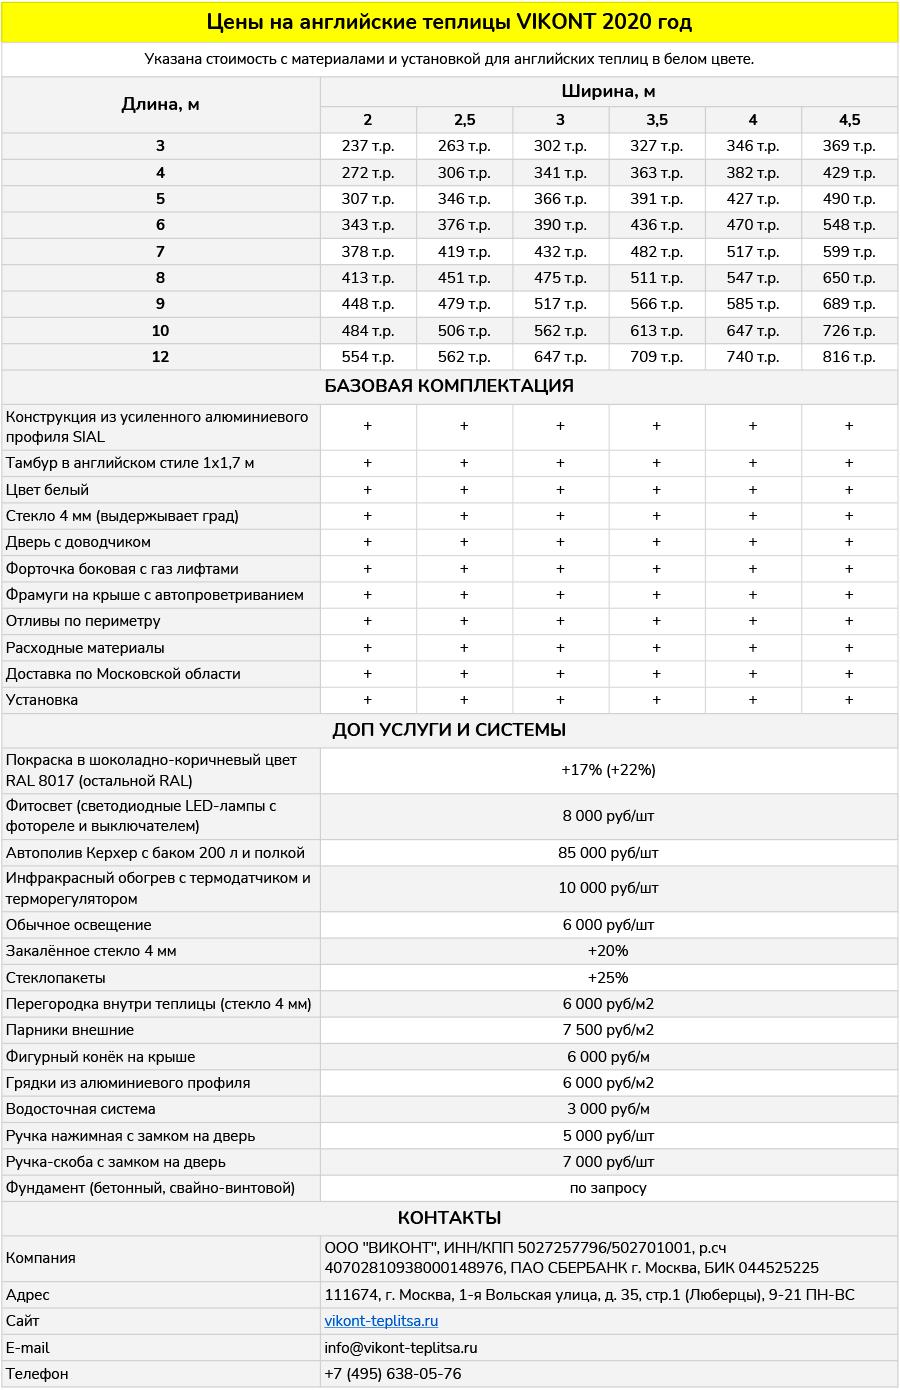 Цены на английские теплицы VIKONT